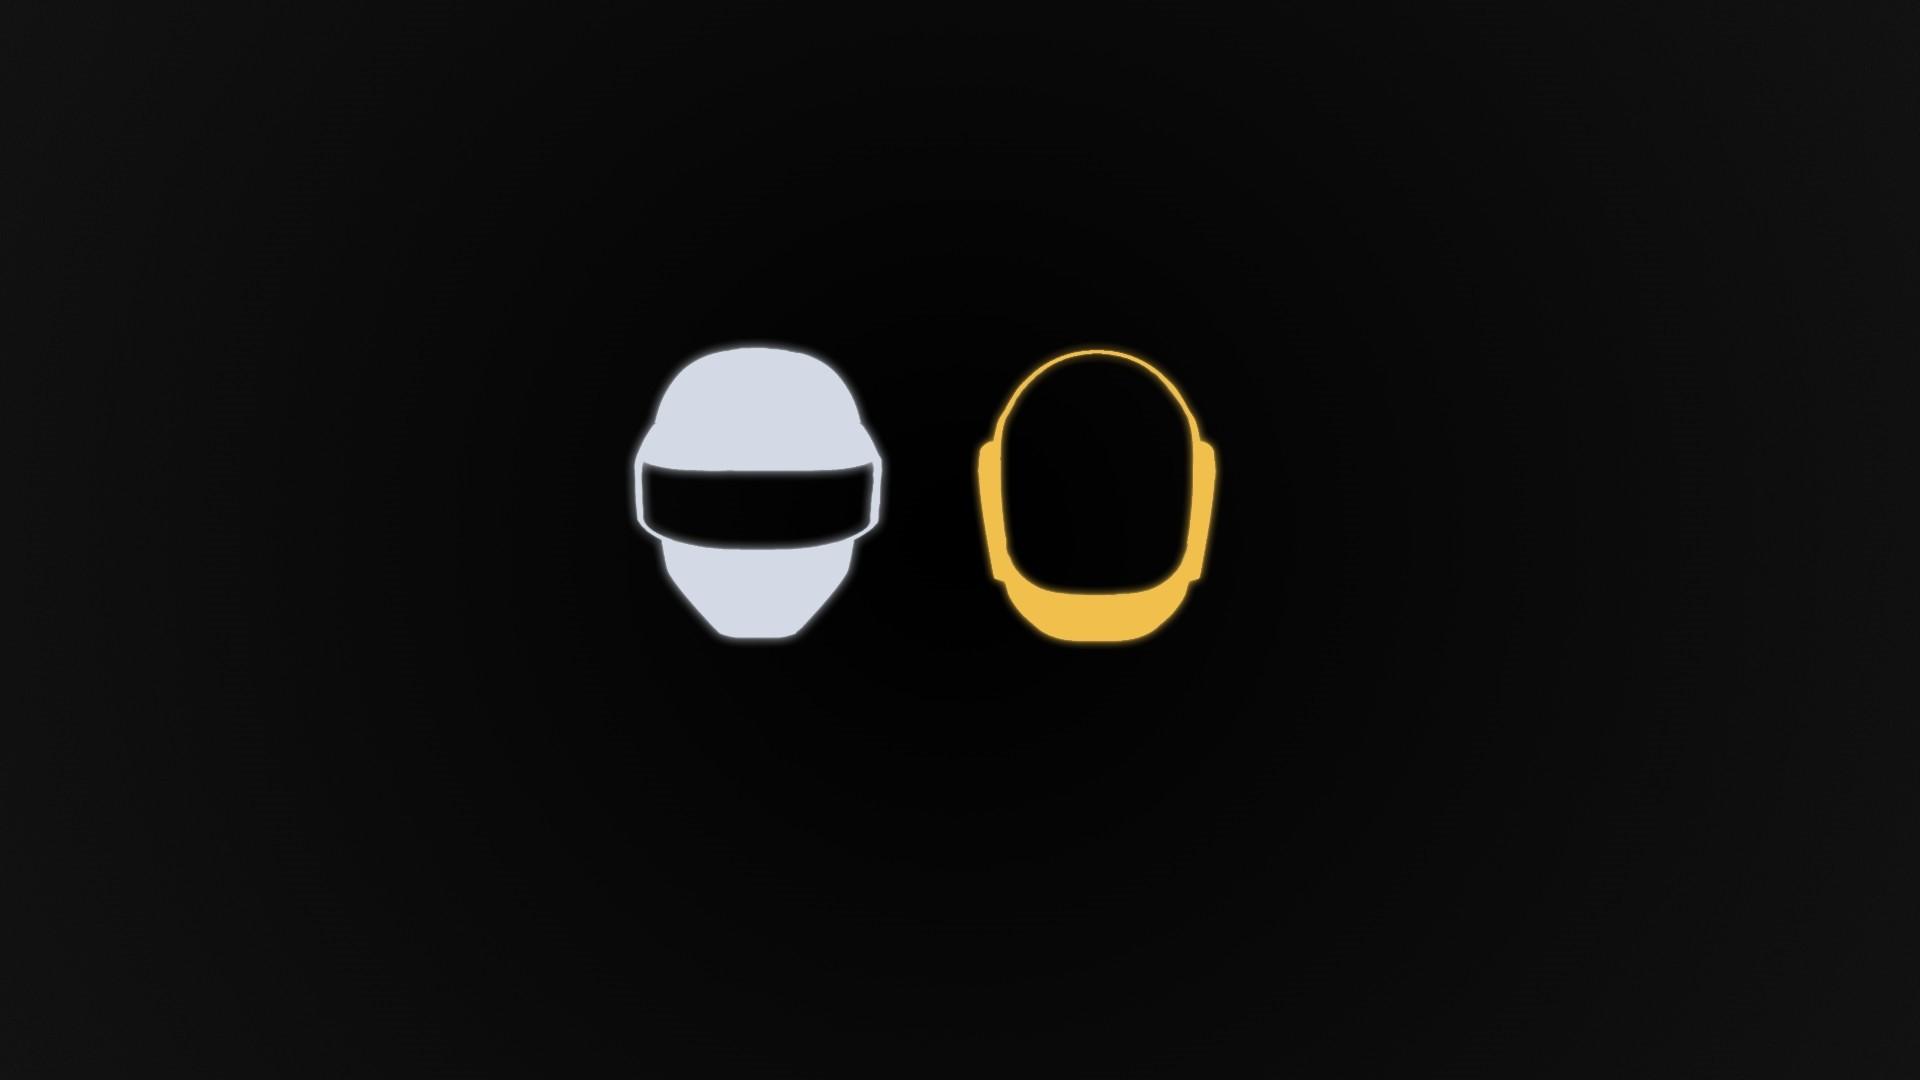 Daft Punk Image